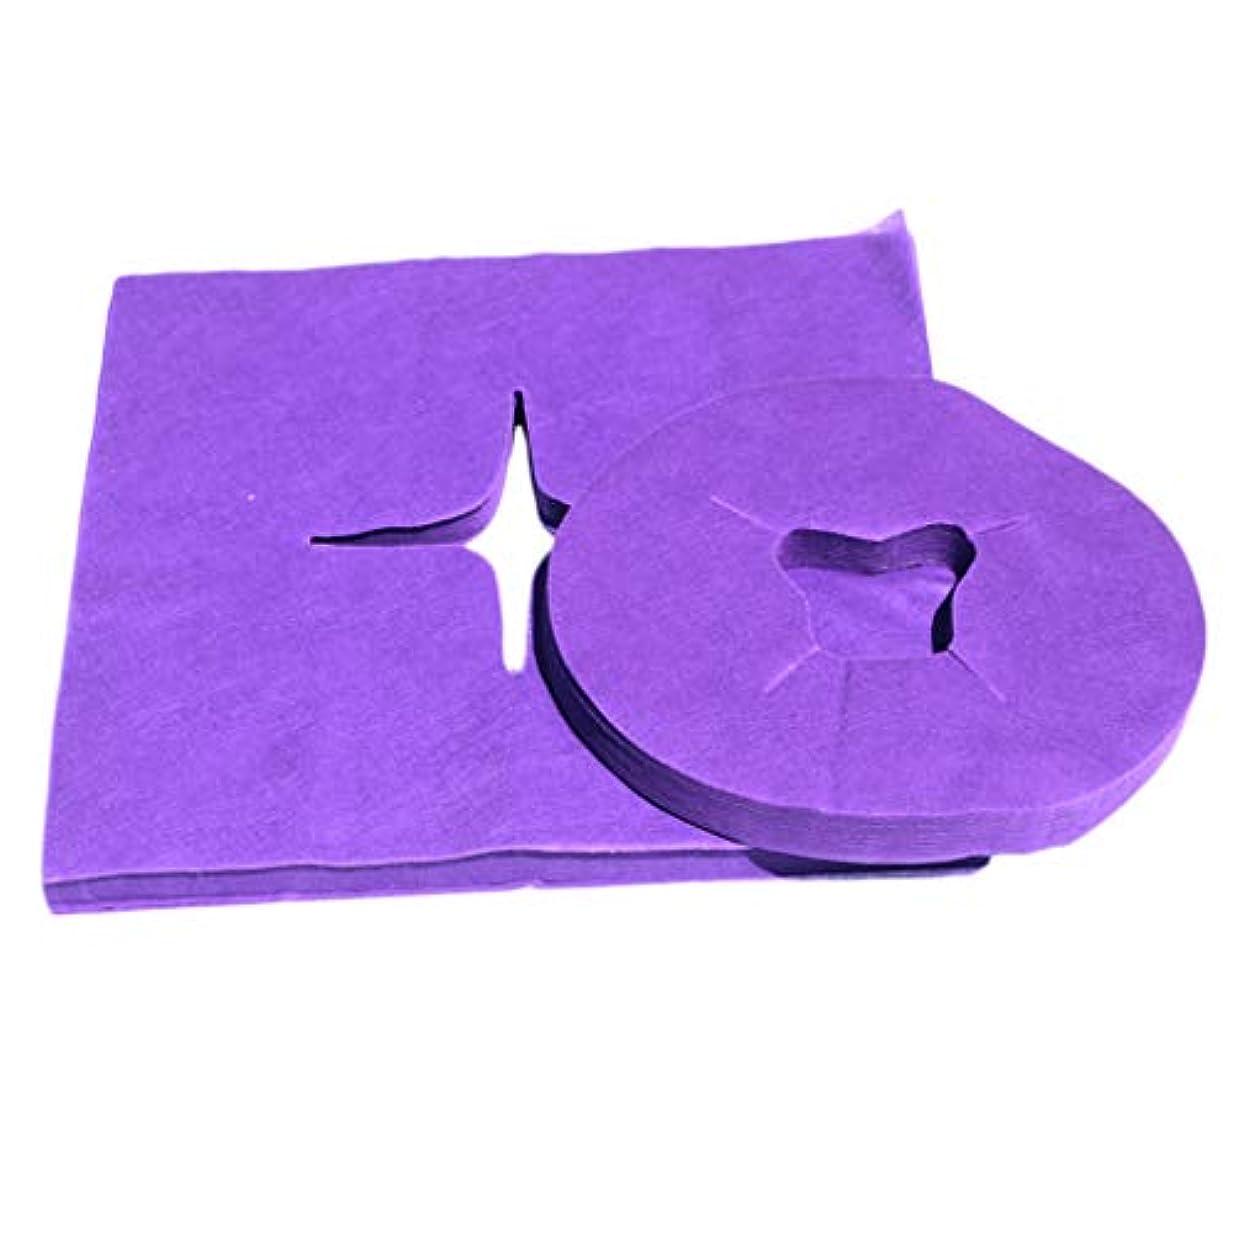 プロジェクターインポートモールdailymall 200個の使い捨てフェイスクレードルカバー-マッサージテーブルチェア用の超ソフト、非粘着マッサージフェイスカバーとヘッドレストカバー - 紫の